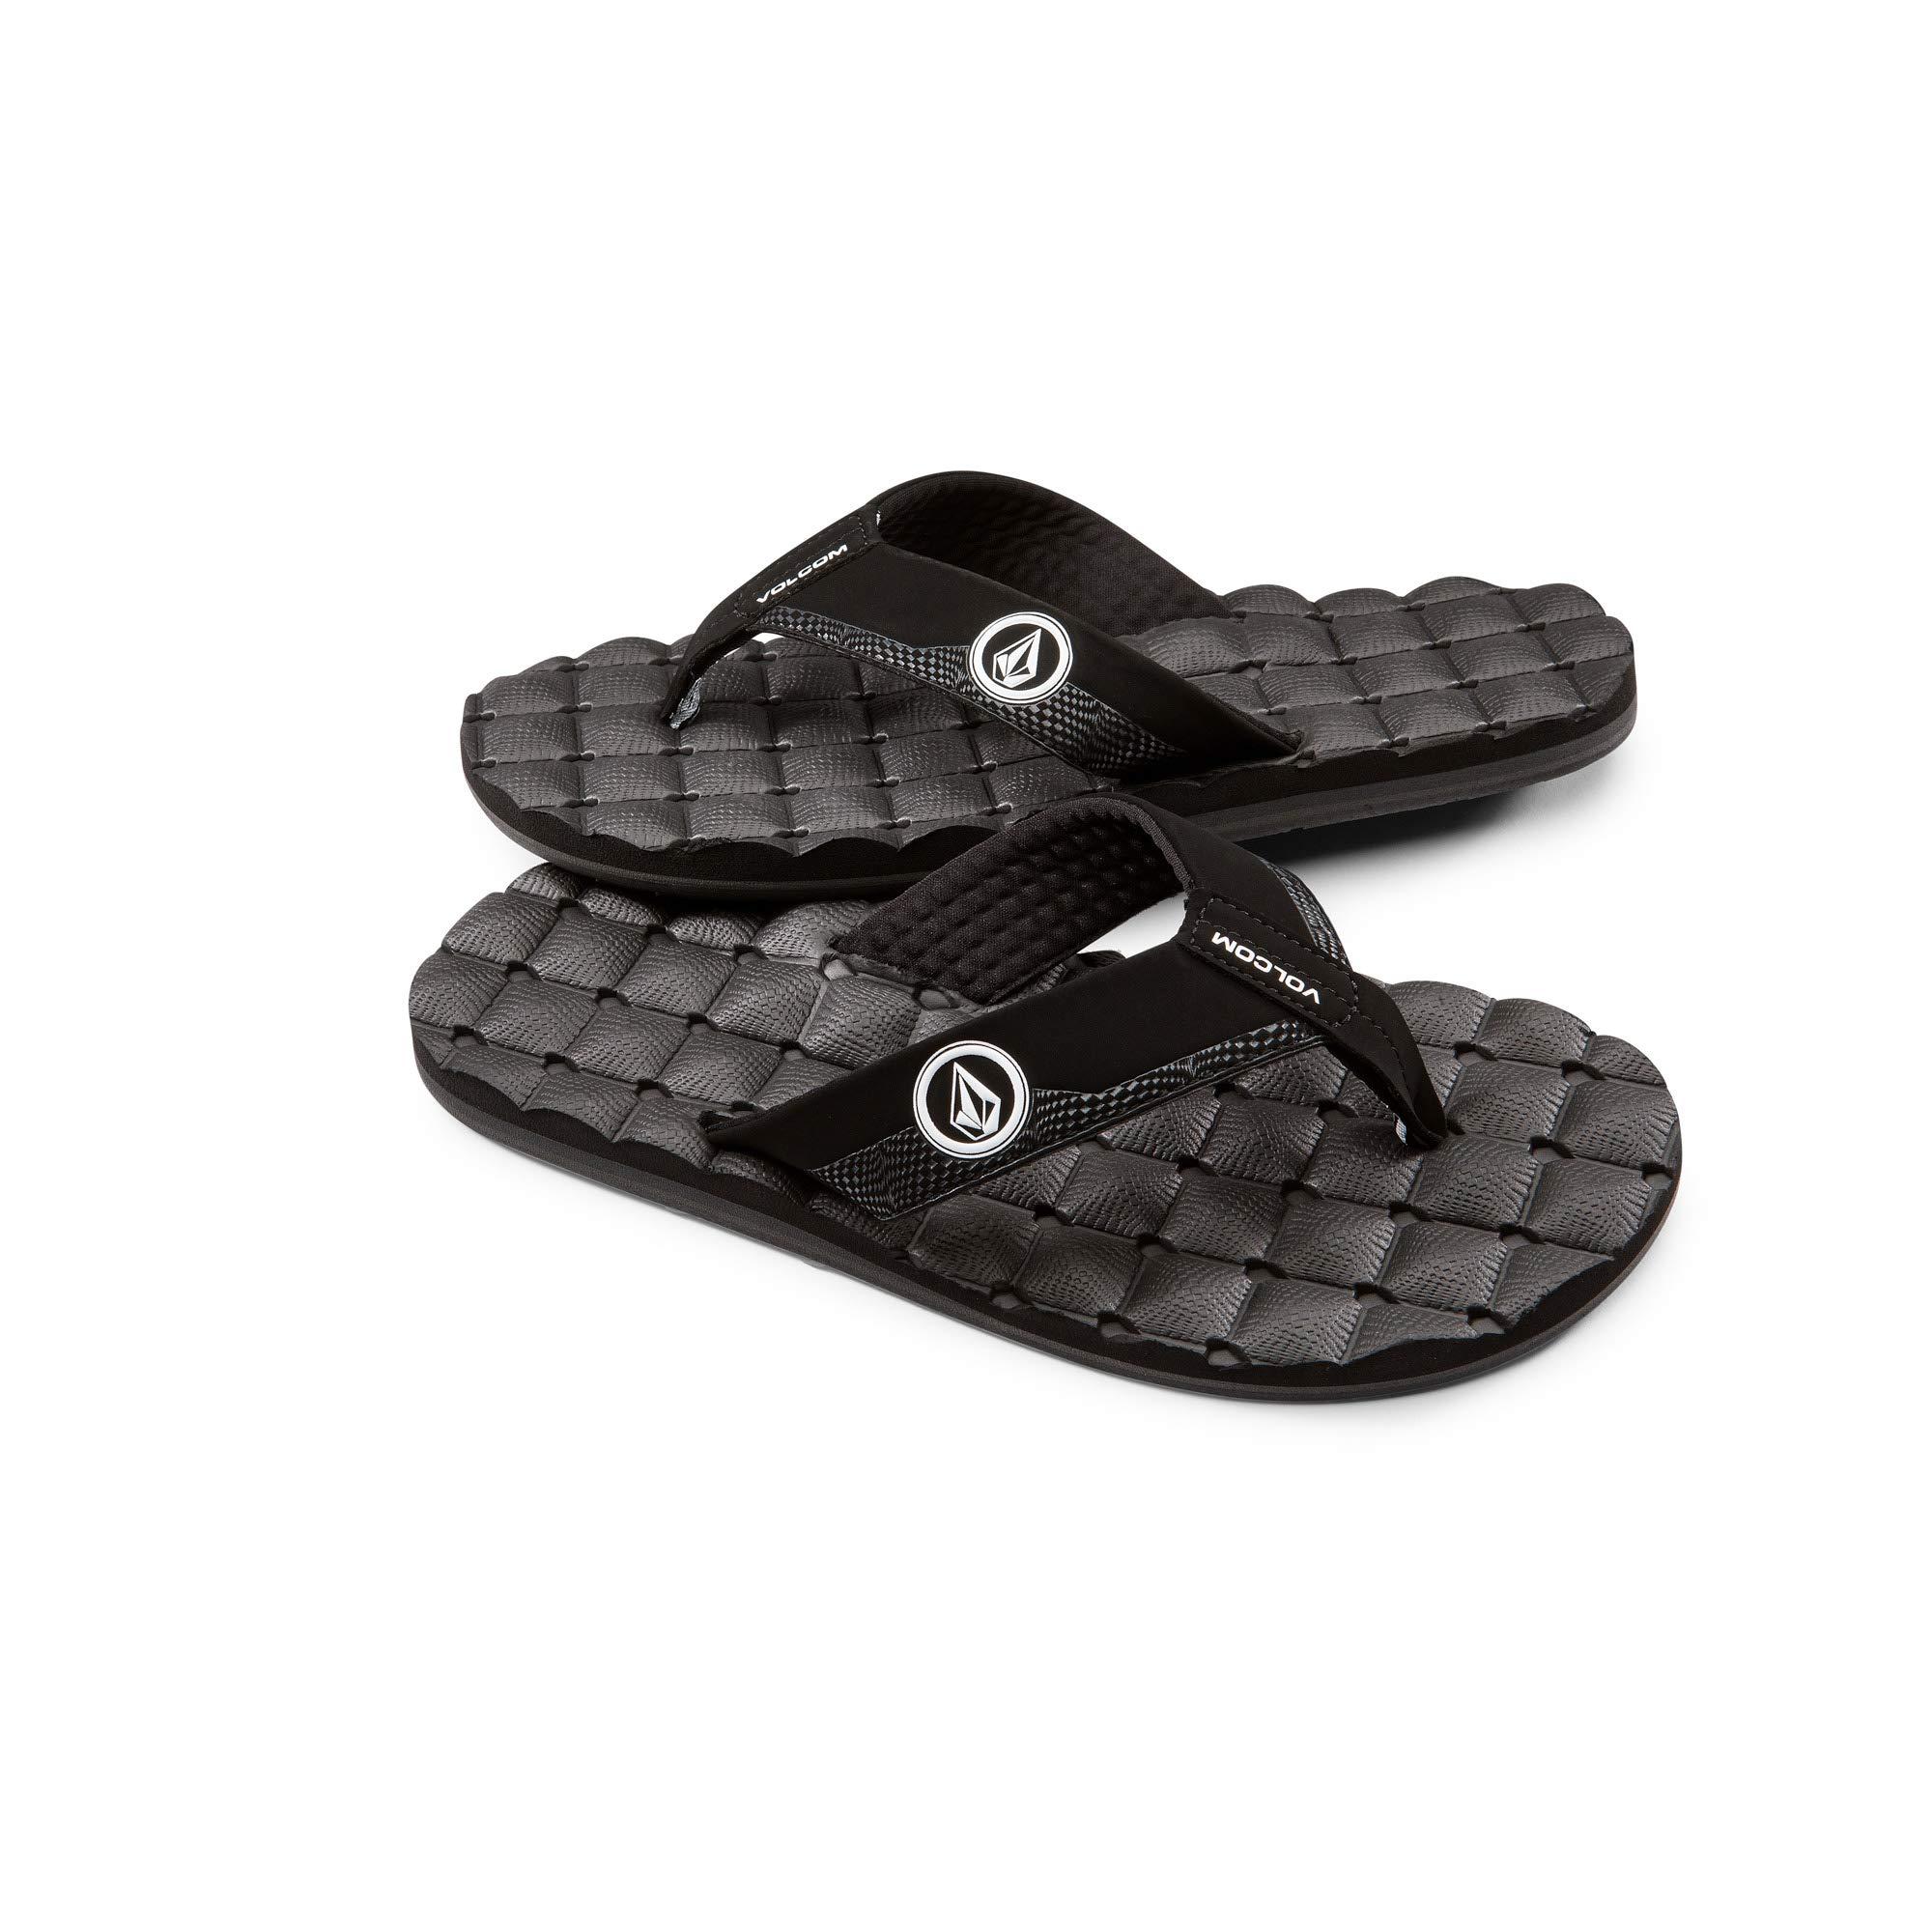 Volcom Men's Recliner Sandal, Black/White, 10 M US